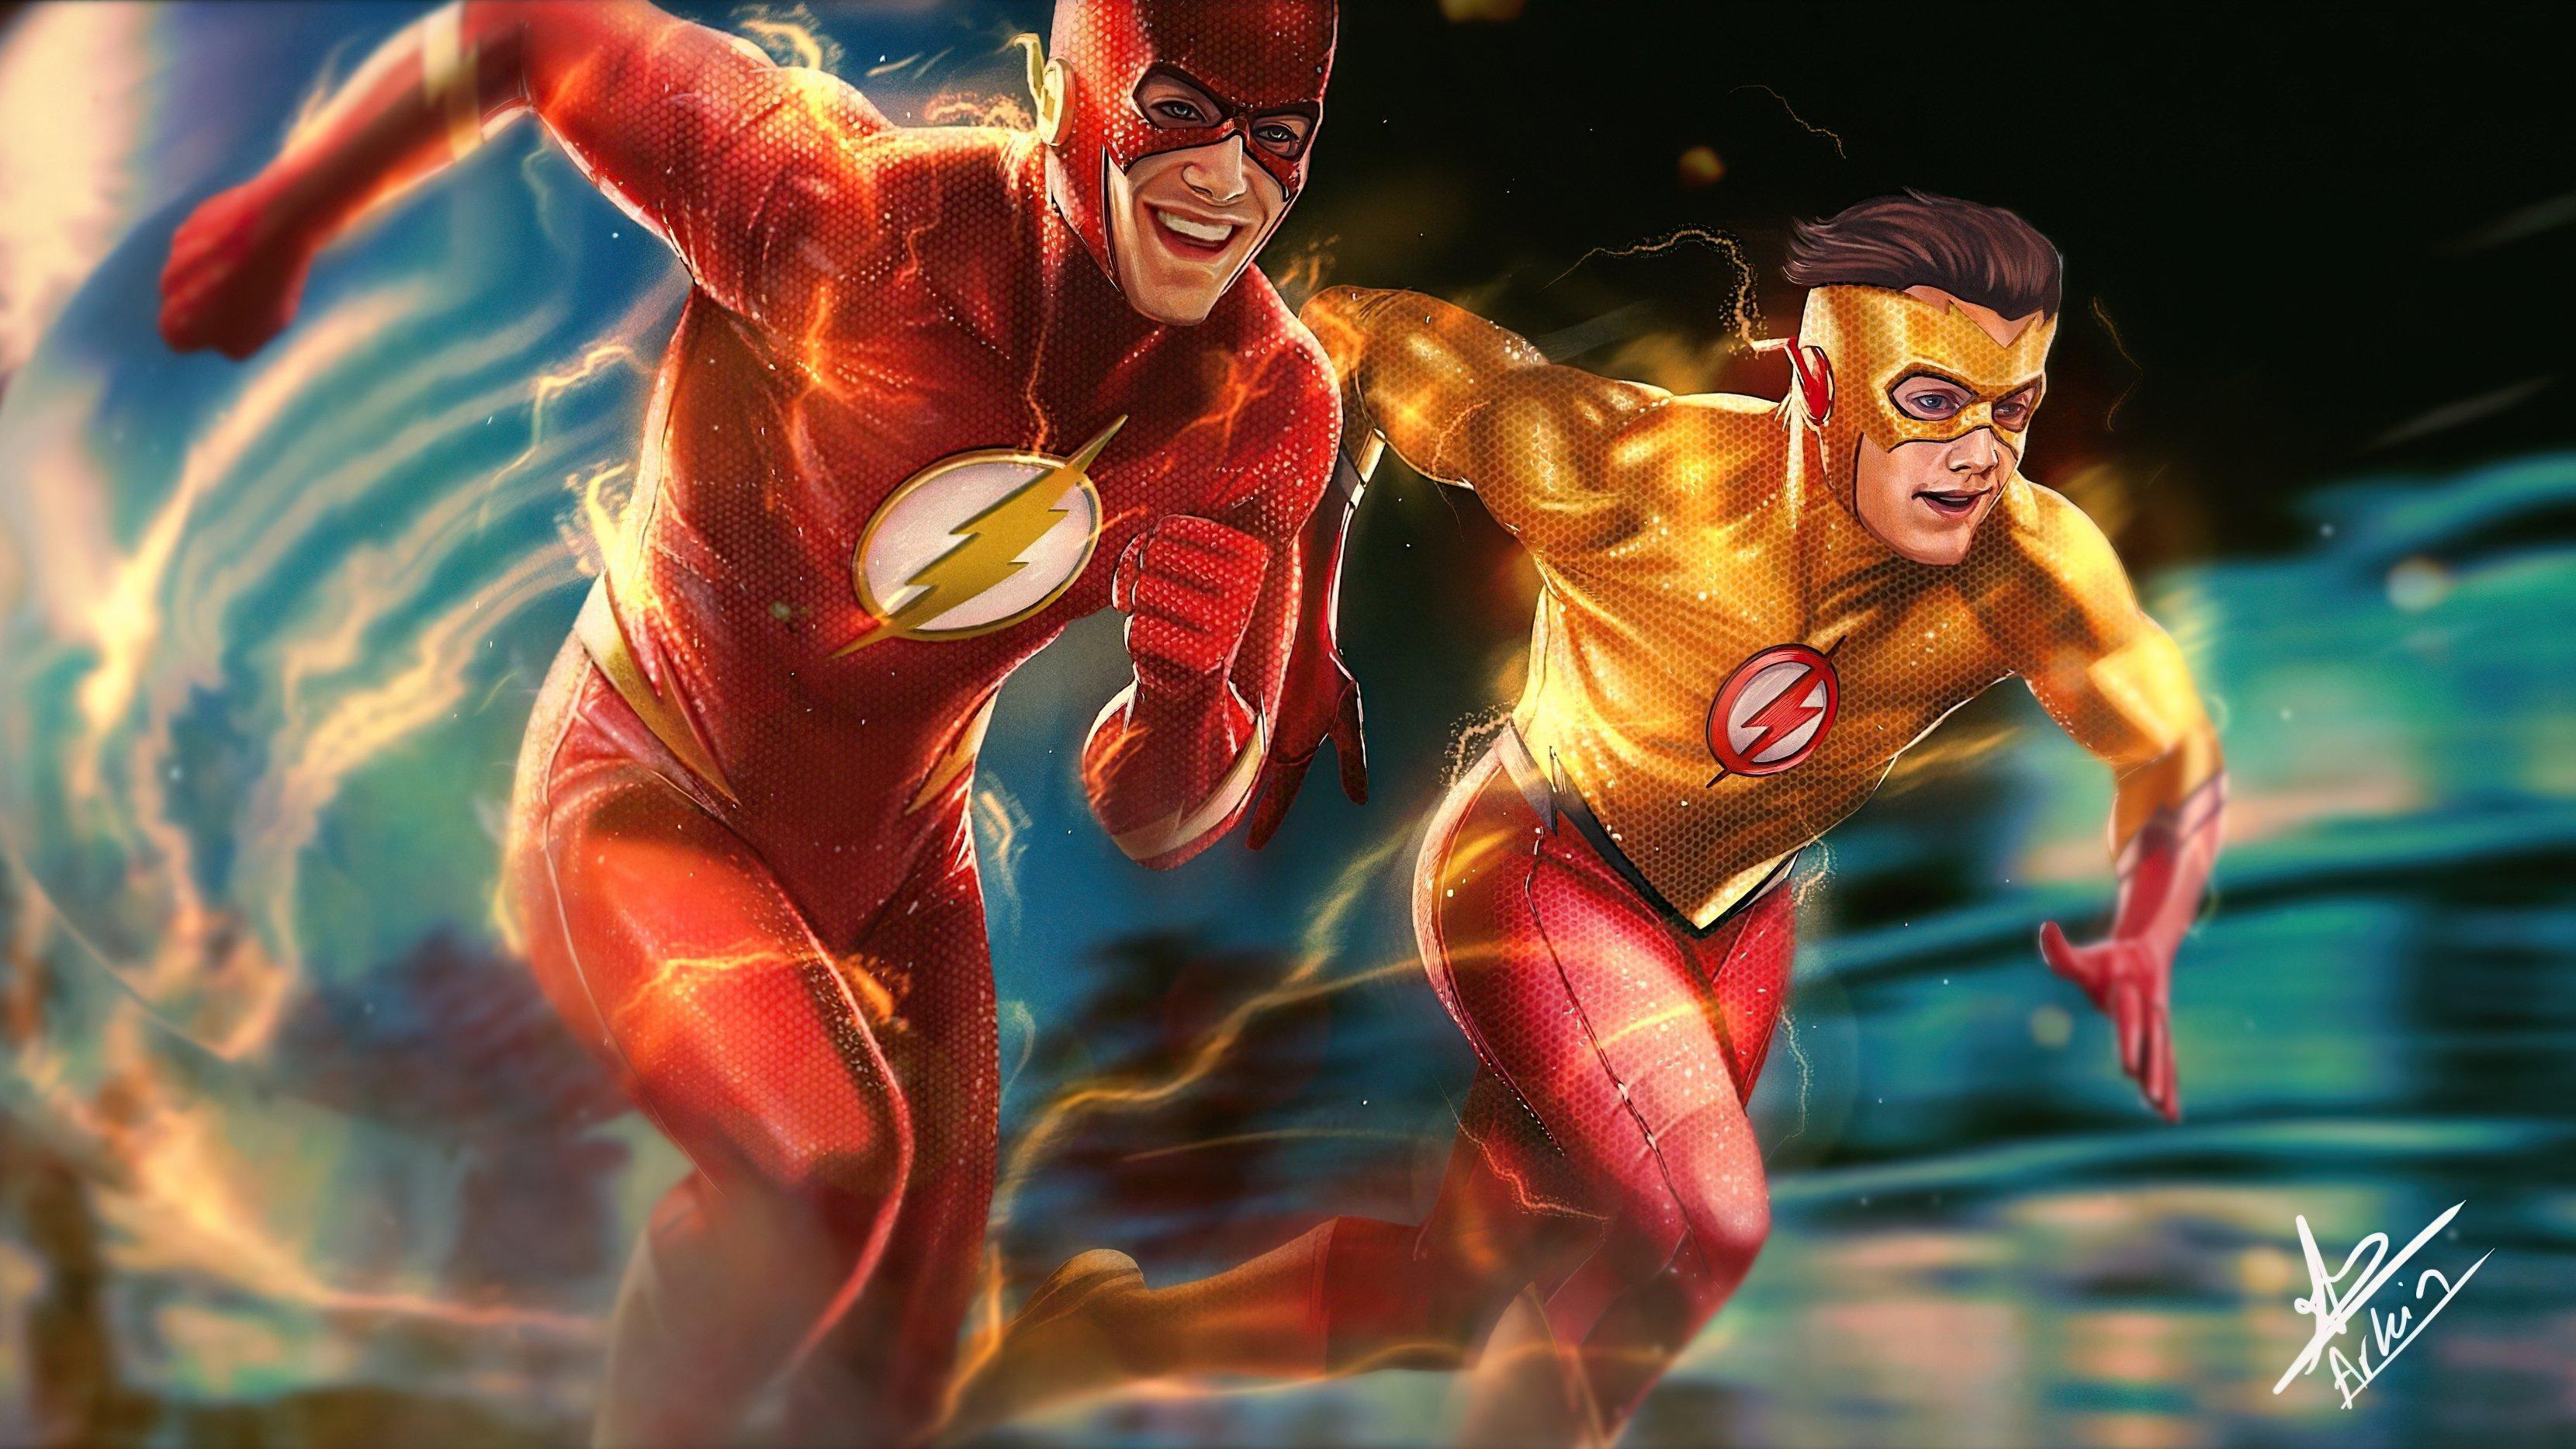 Fondos de pantalla Flash y Flash niño corriendo